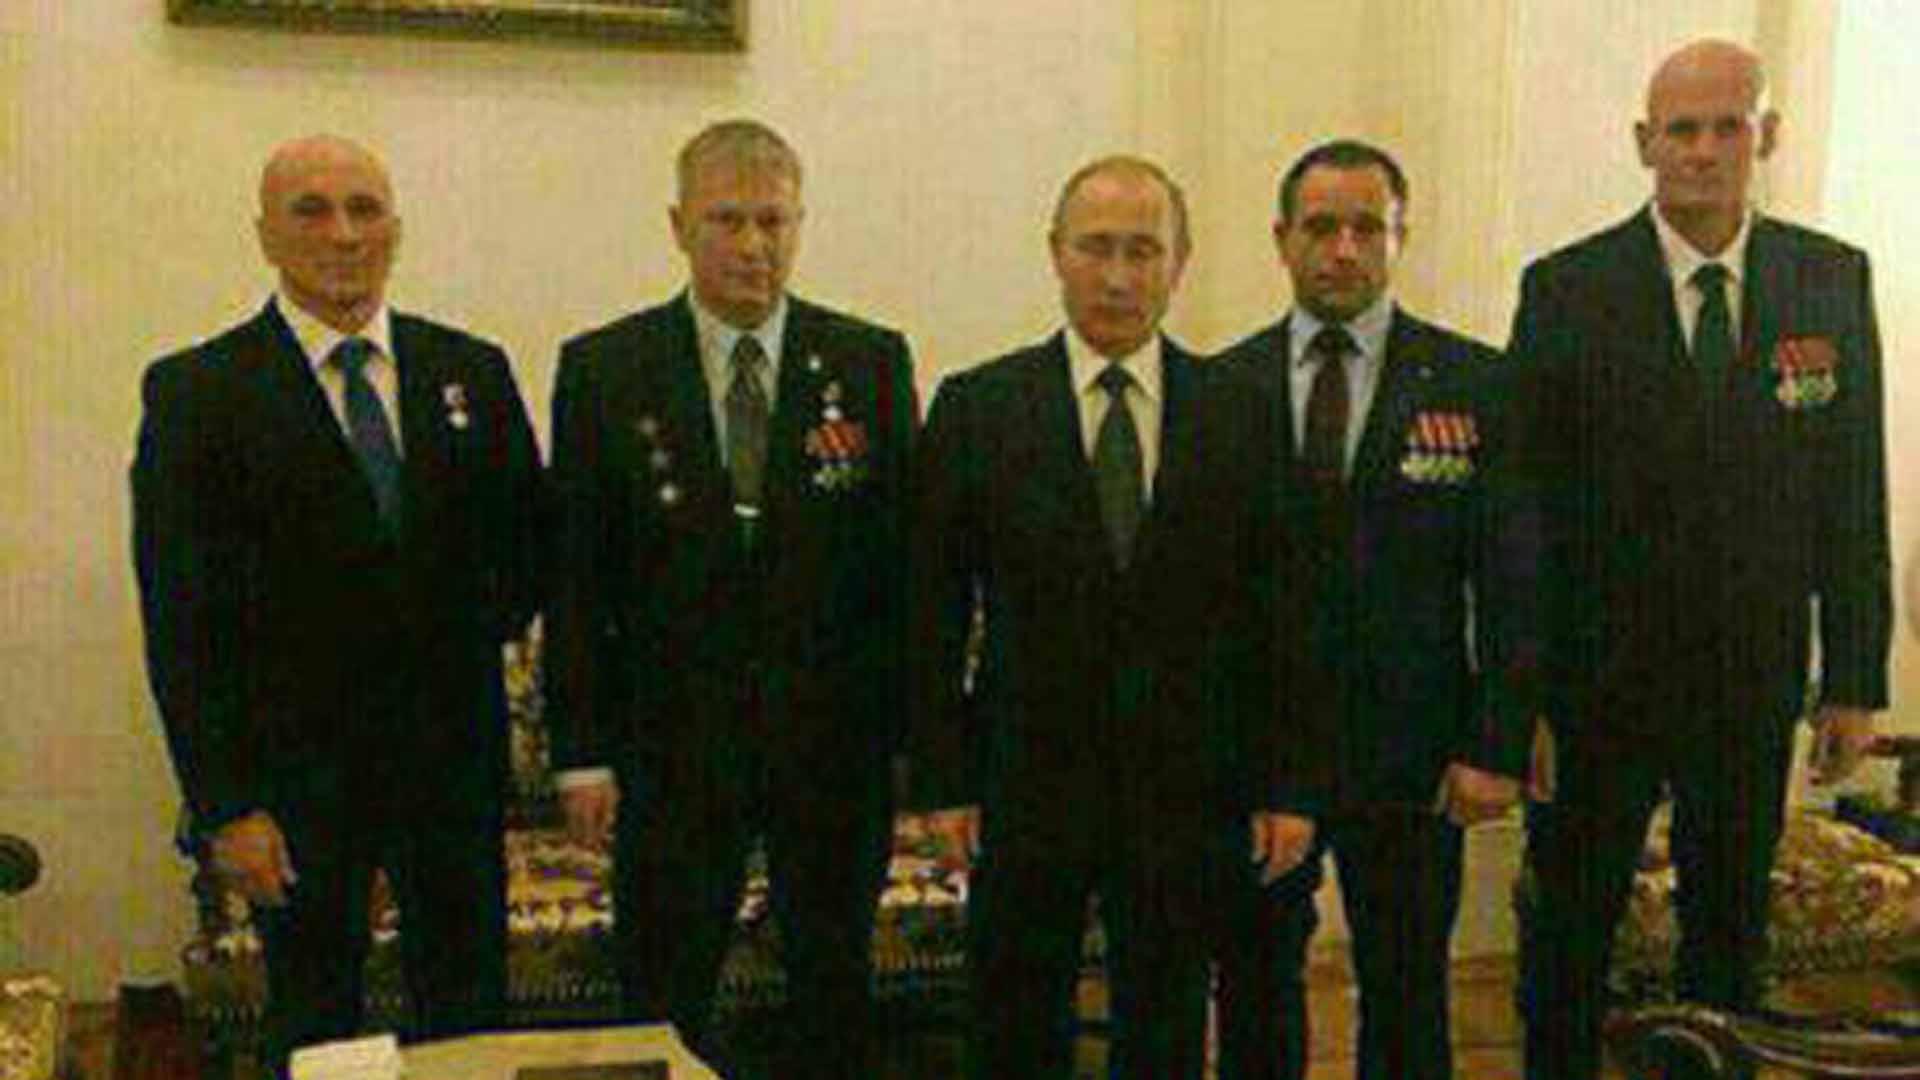 إلى متى ستظلّ روسيا تُوكل الأعمال الوحشية لمصادر خارجية؟!